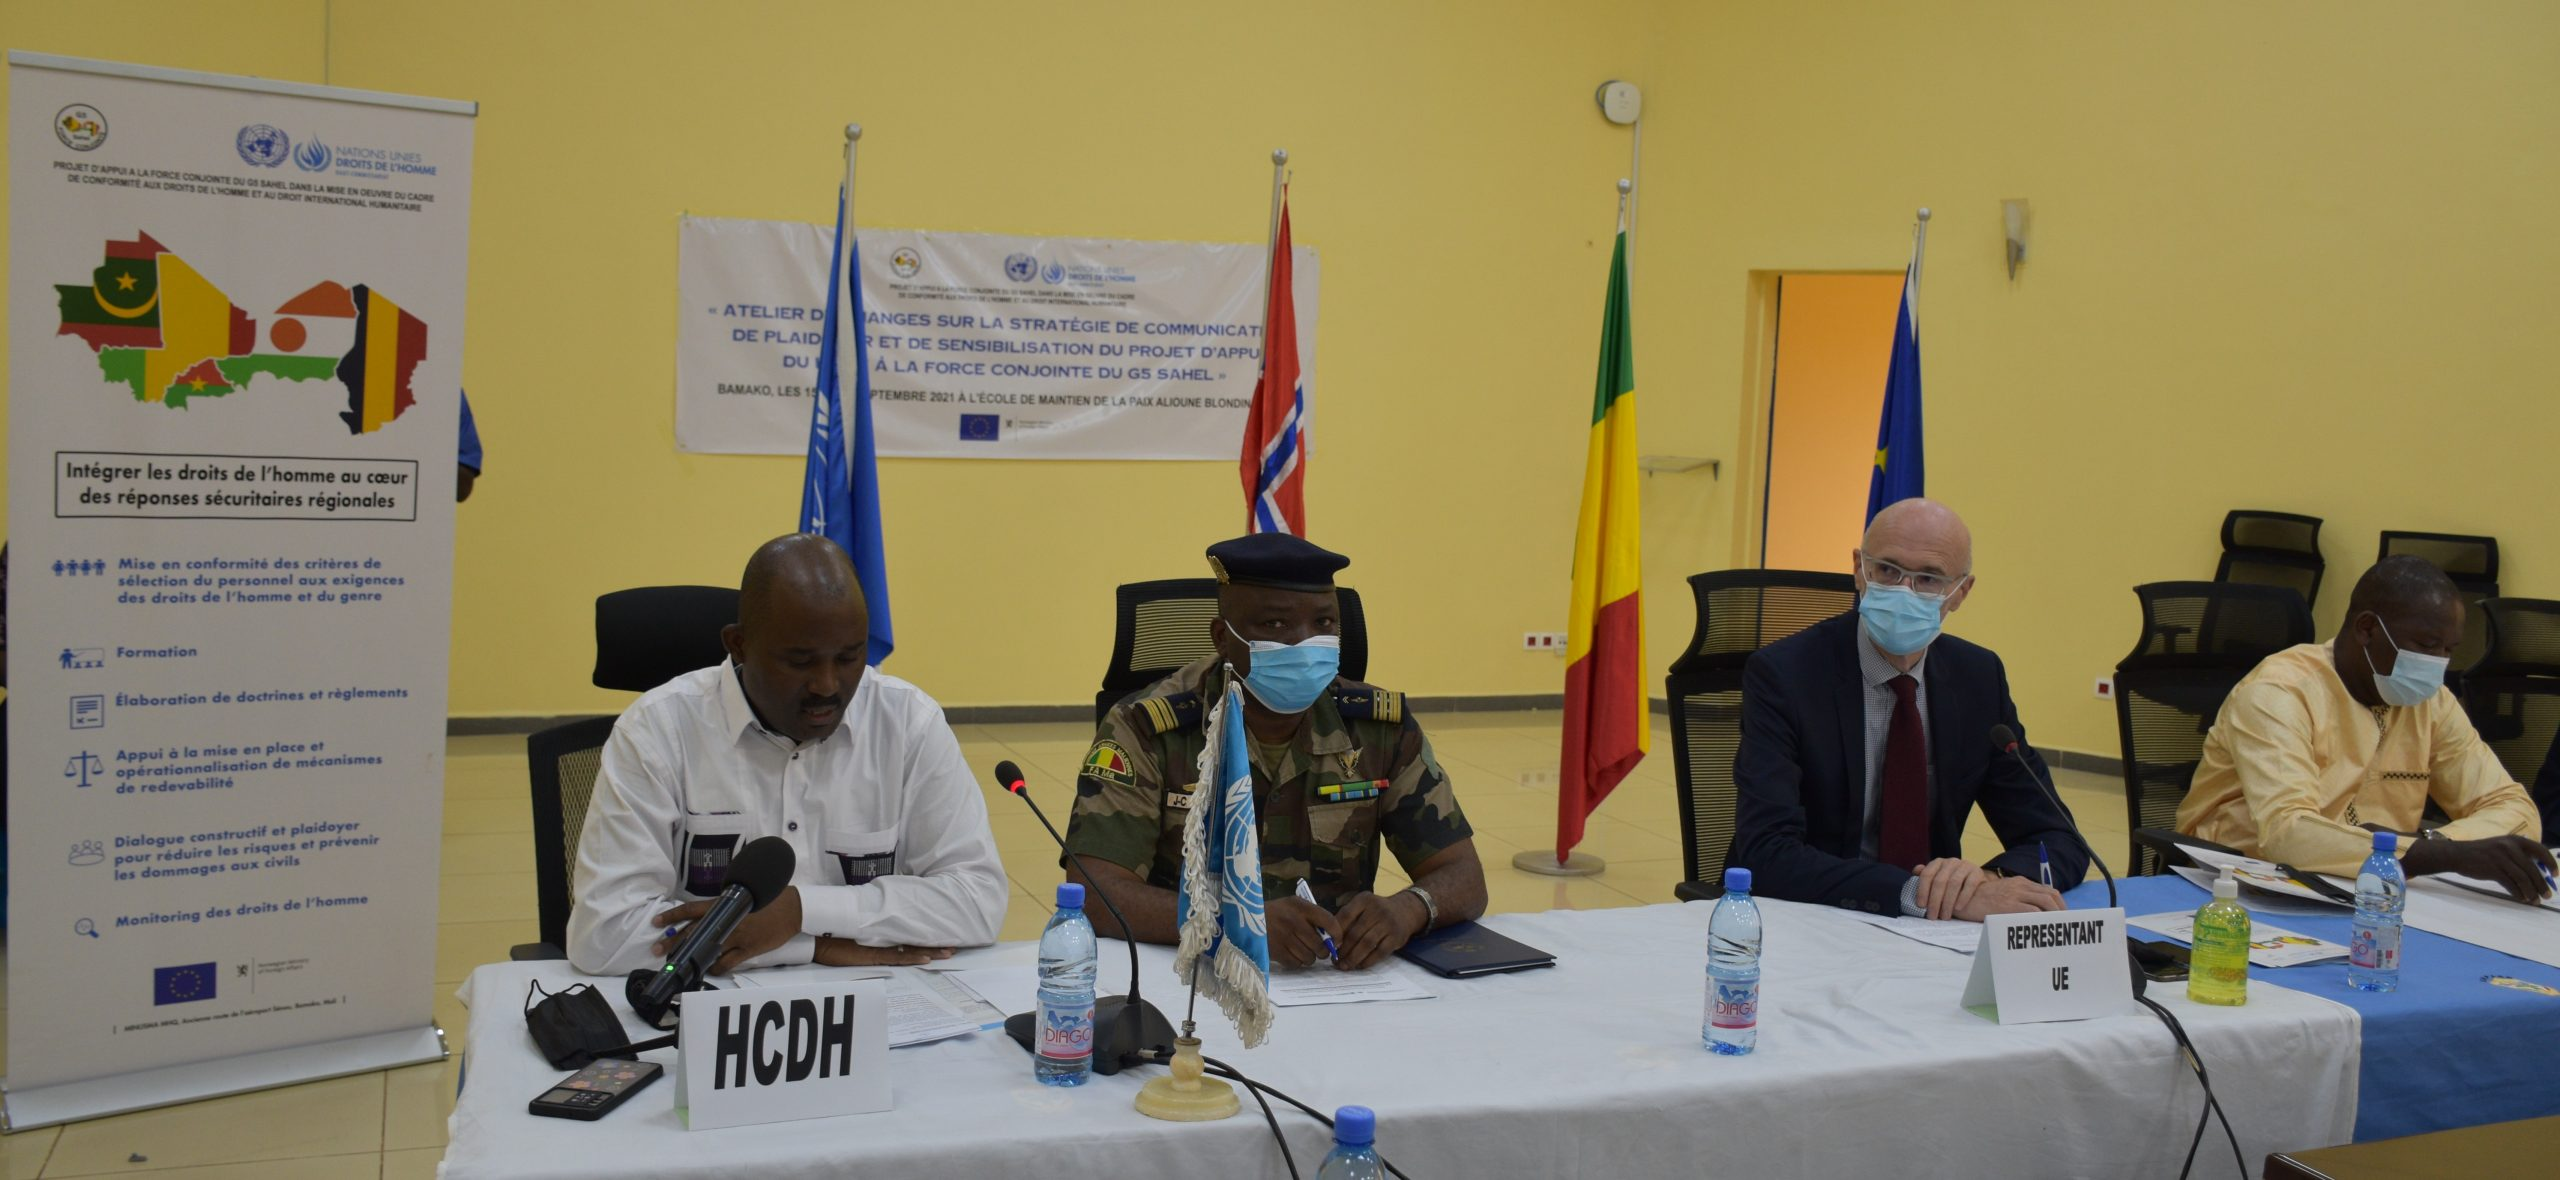 La force G5 Sahel : Le HCDH veut une conduite des opérations militaires en conformité avec les droits de l'homme